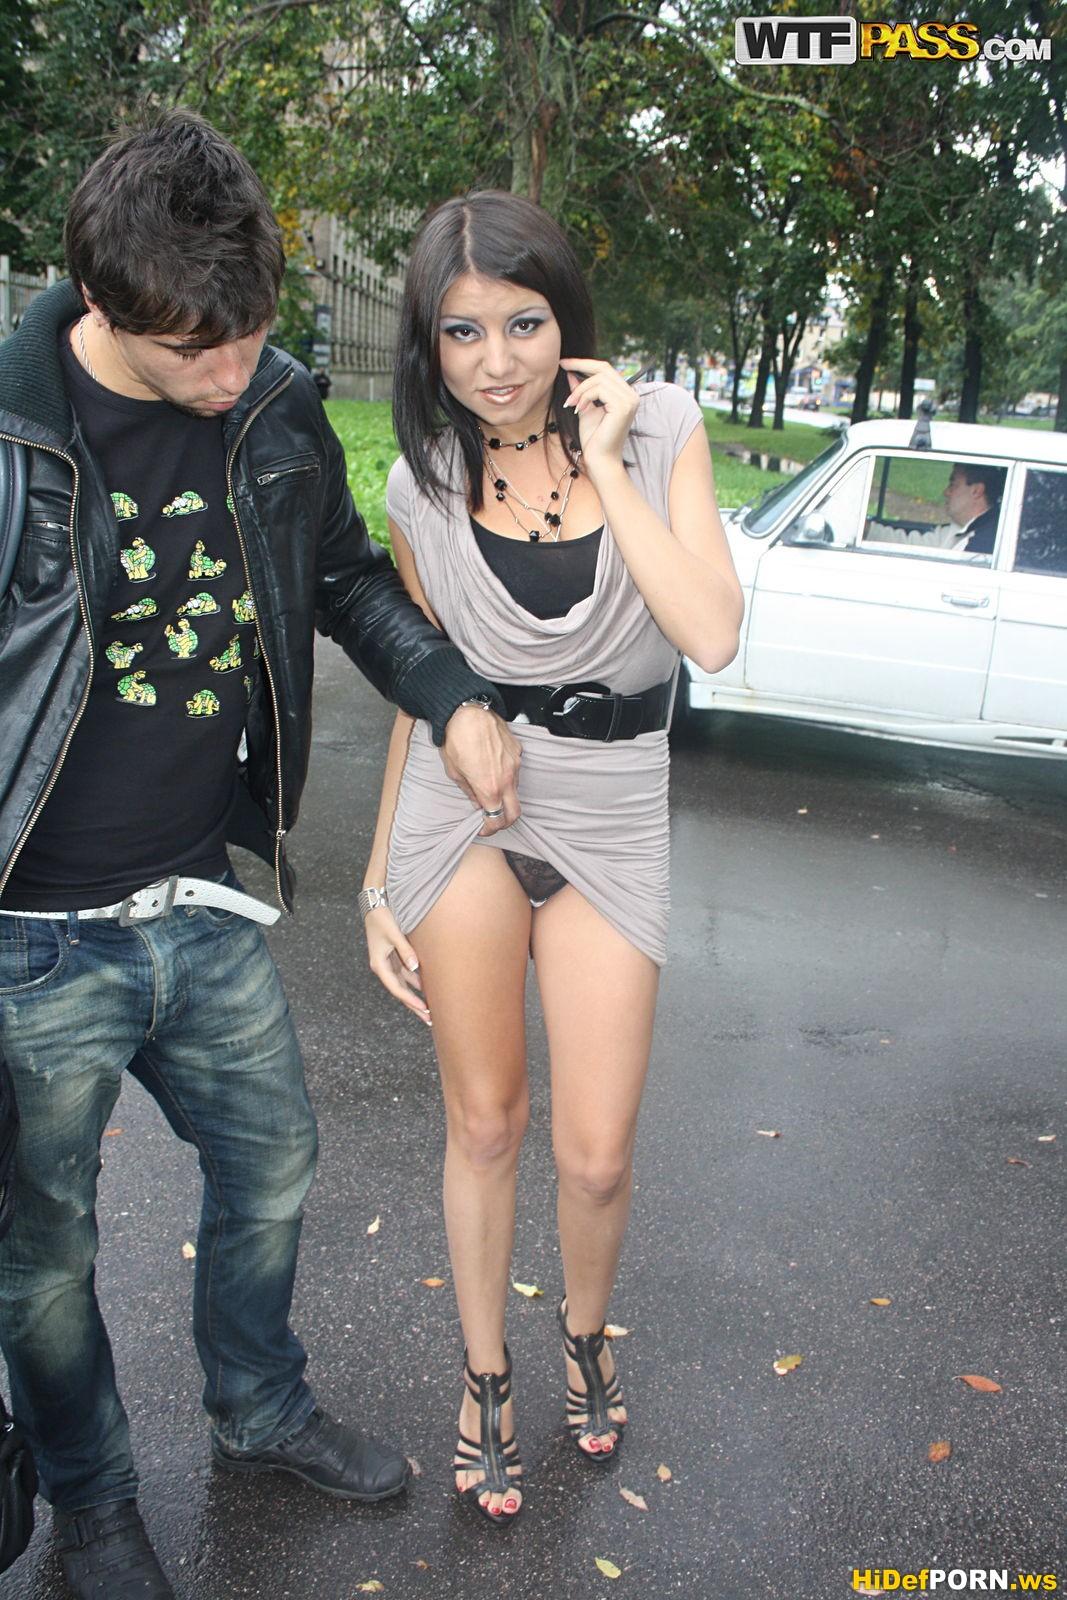 Смотреть порно трахнул девушку за деньги — photo 8